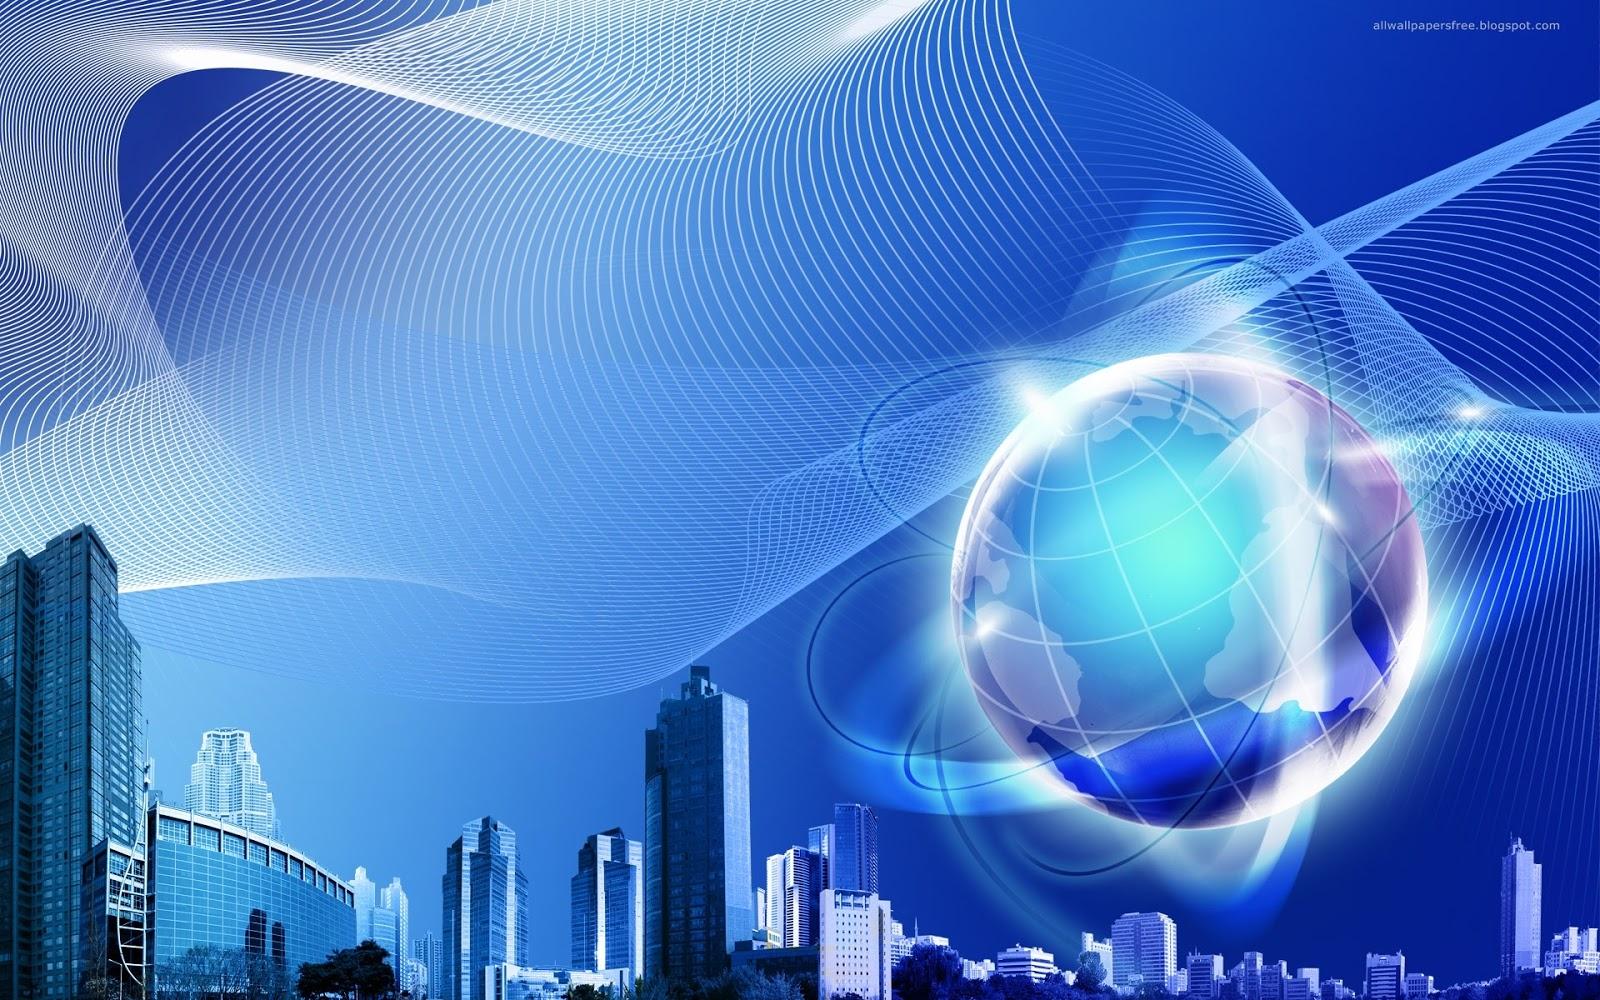 17 мая - Всемирный день электросвязи и информационного общества. С праздником!